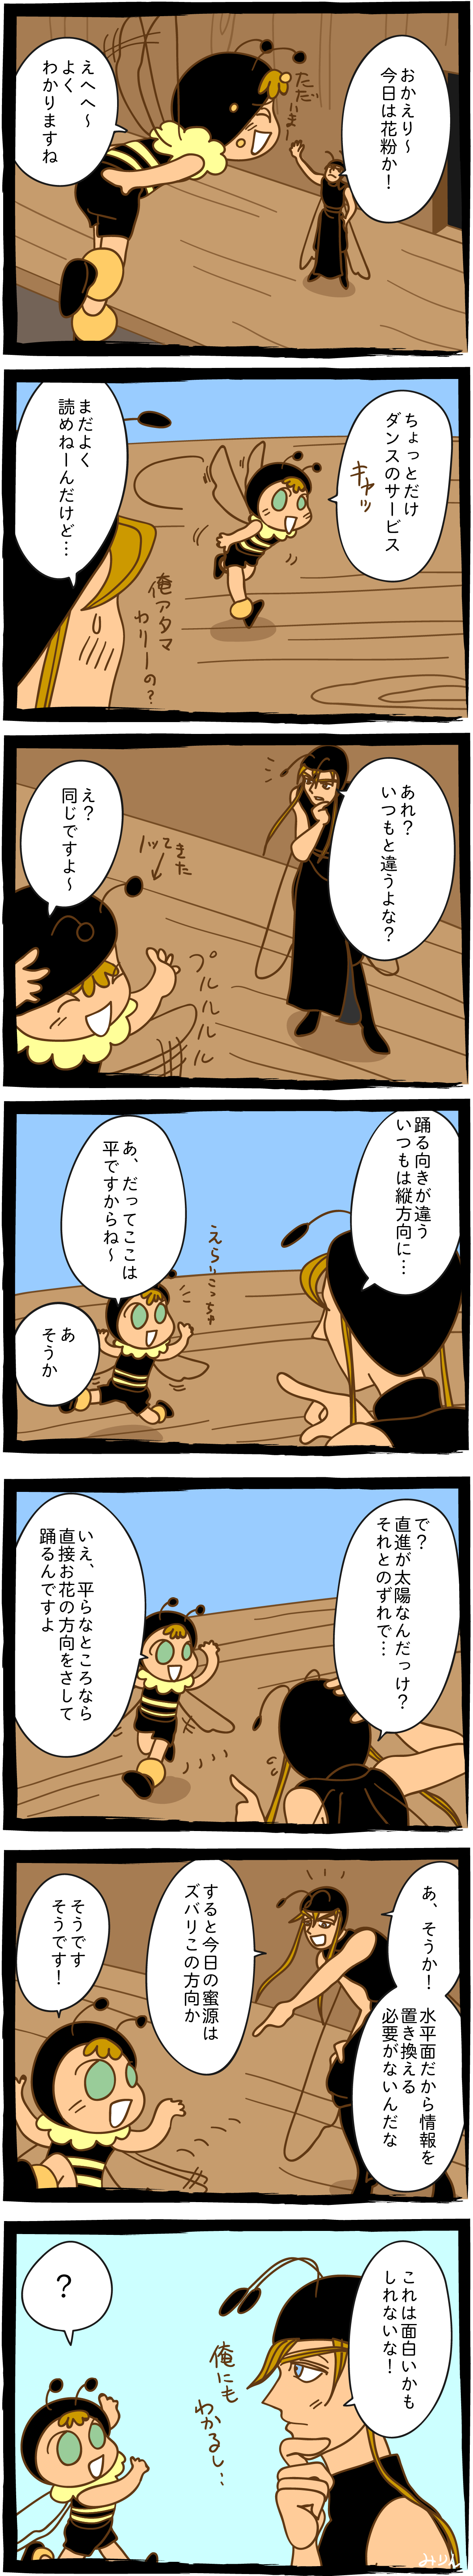 みつばち漫画みつばちさん:青空ダンス